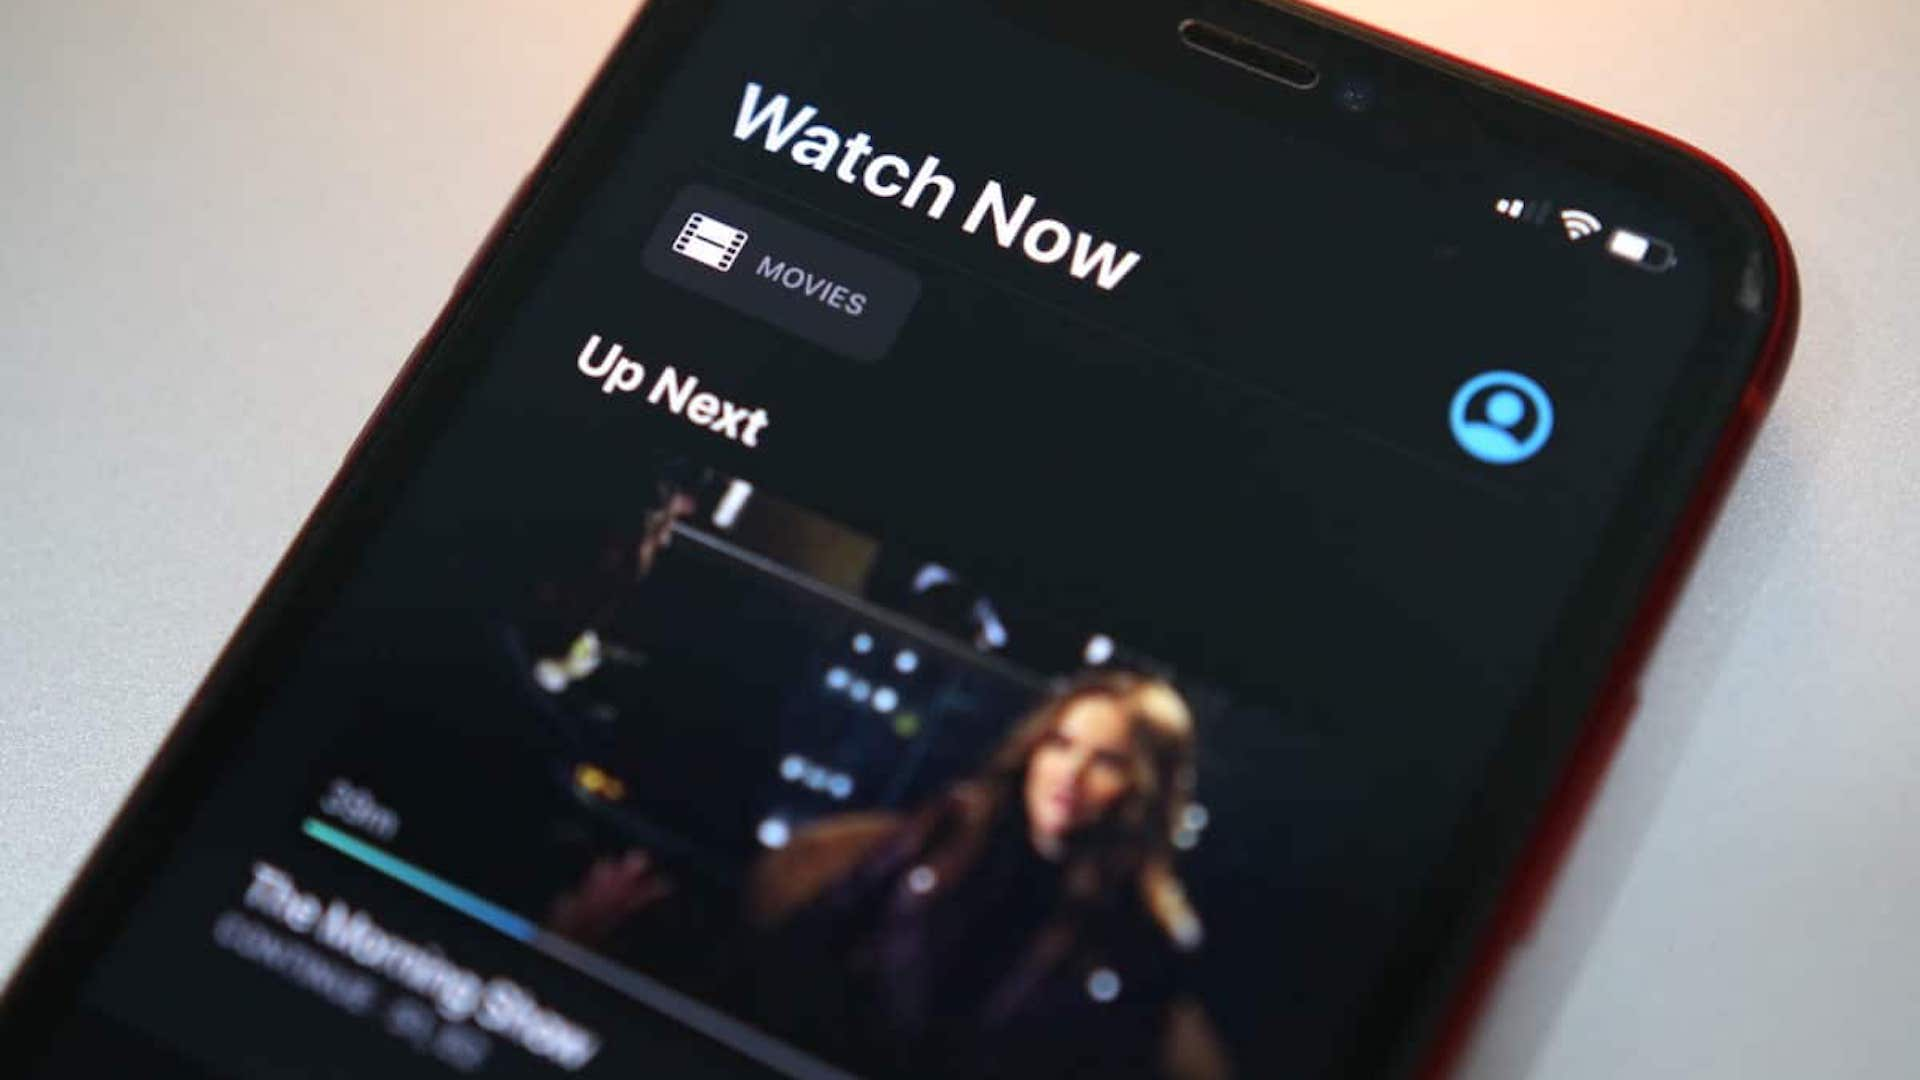 Los mejores países para ver videos en móviles por 4G